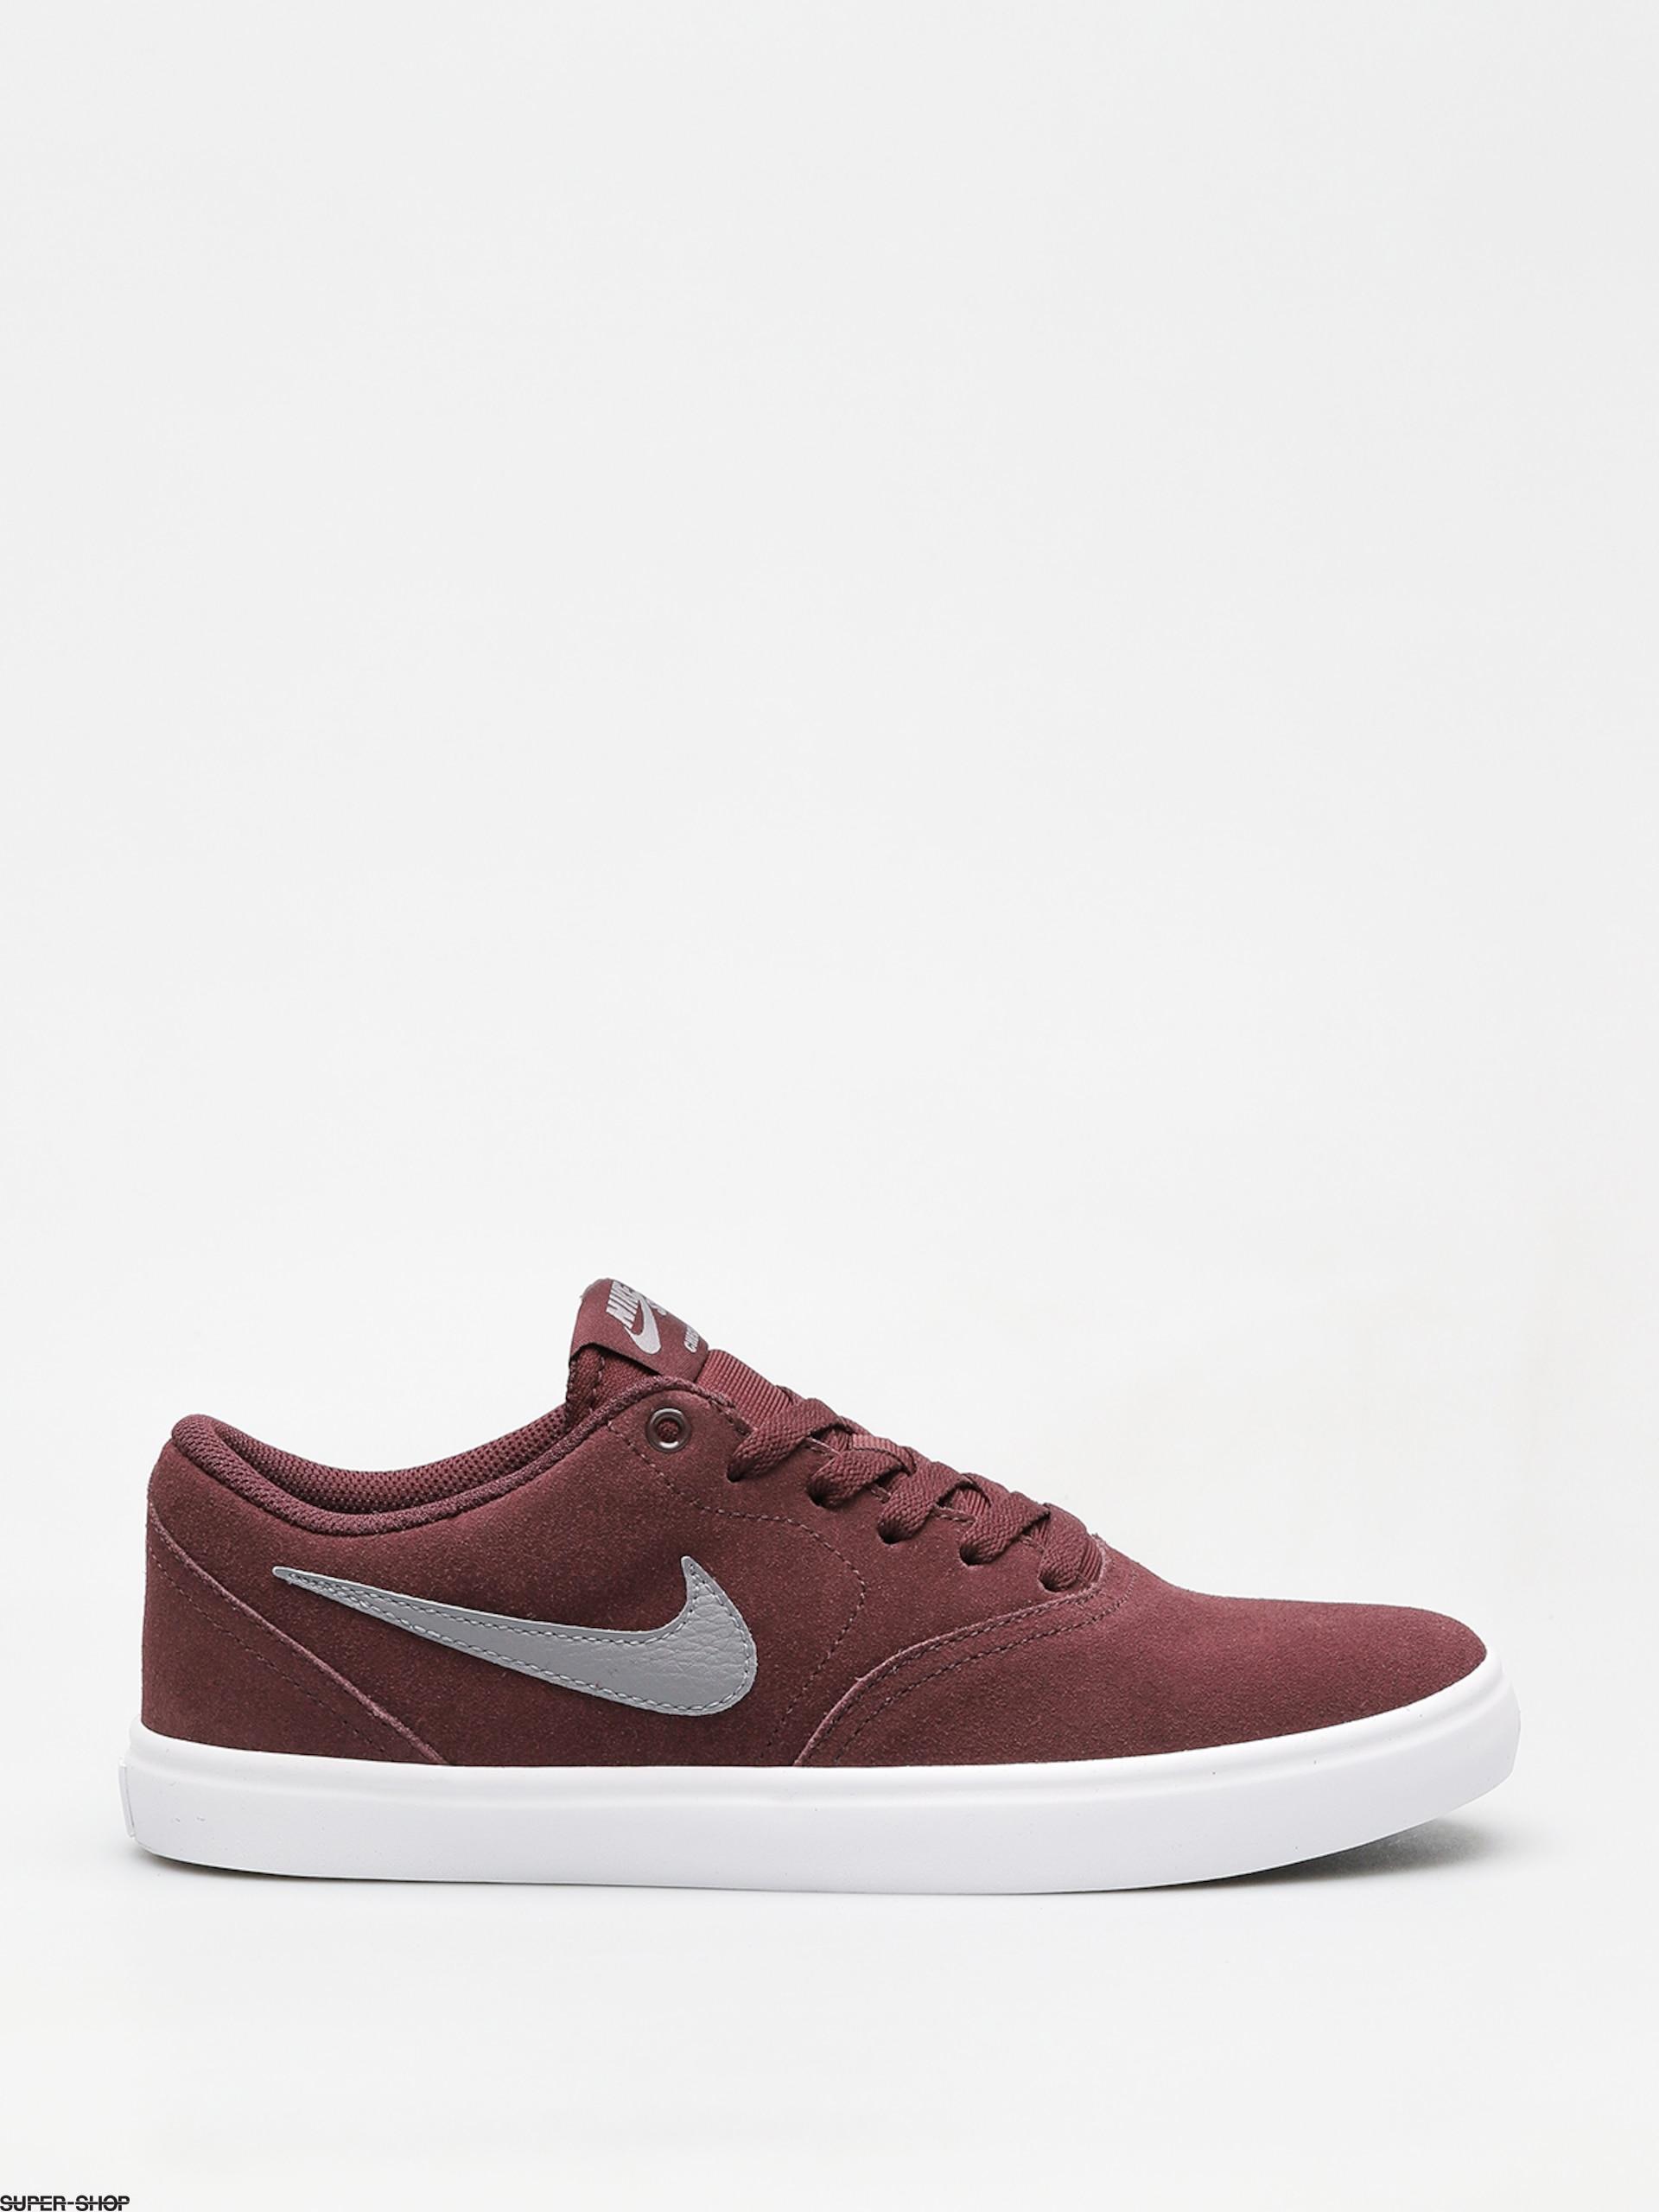 Nike SB Sb Check Solarsoft Shoes